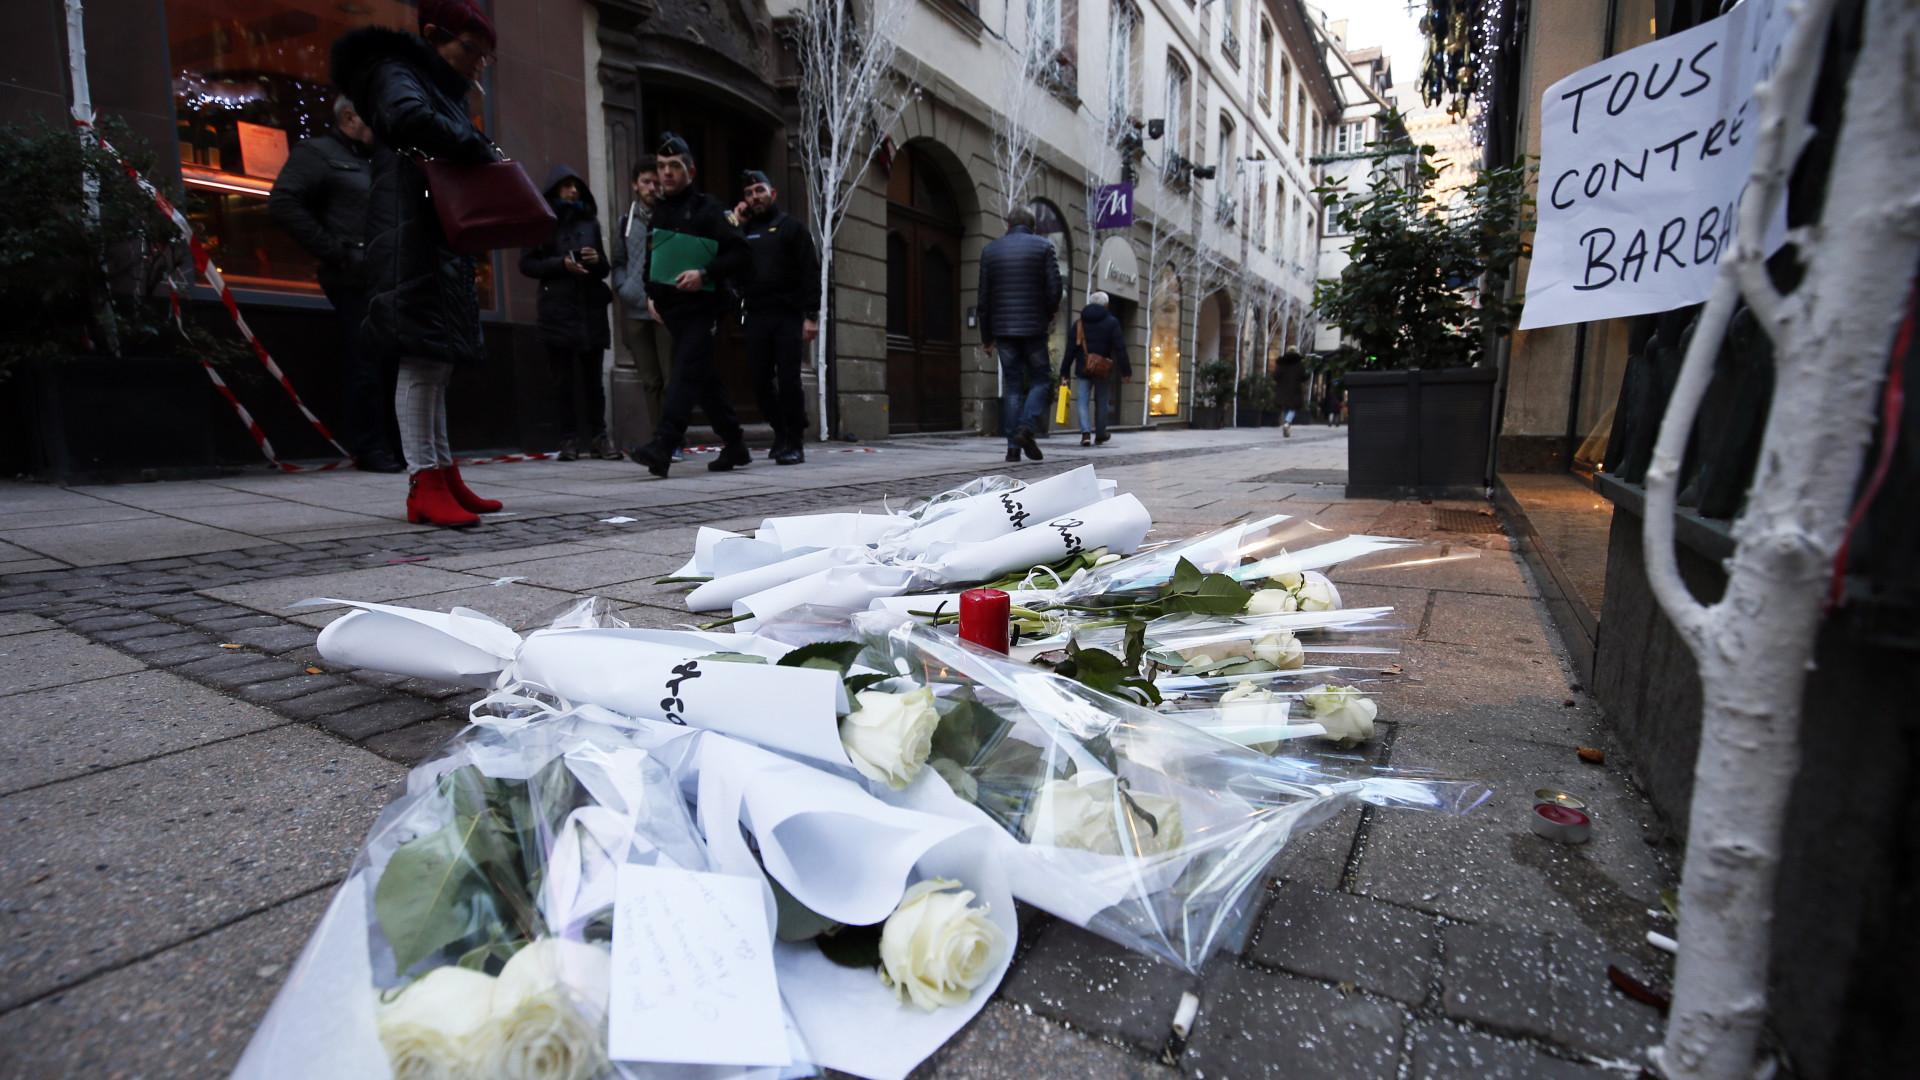 Estado Islâmico reivindicou atentado de Estrasburgo